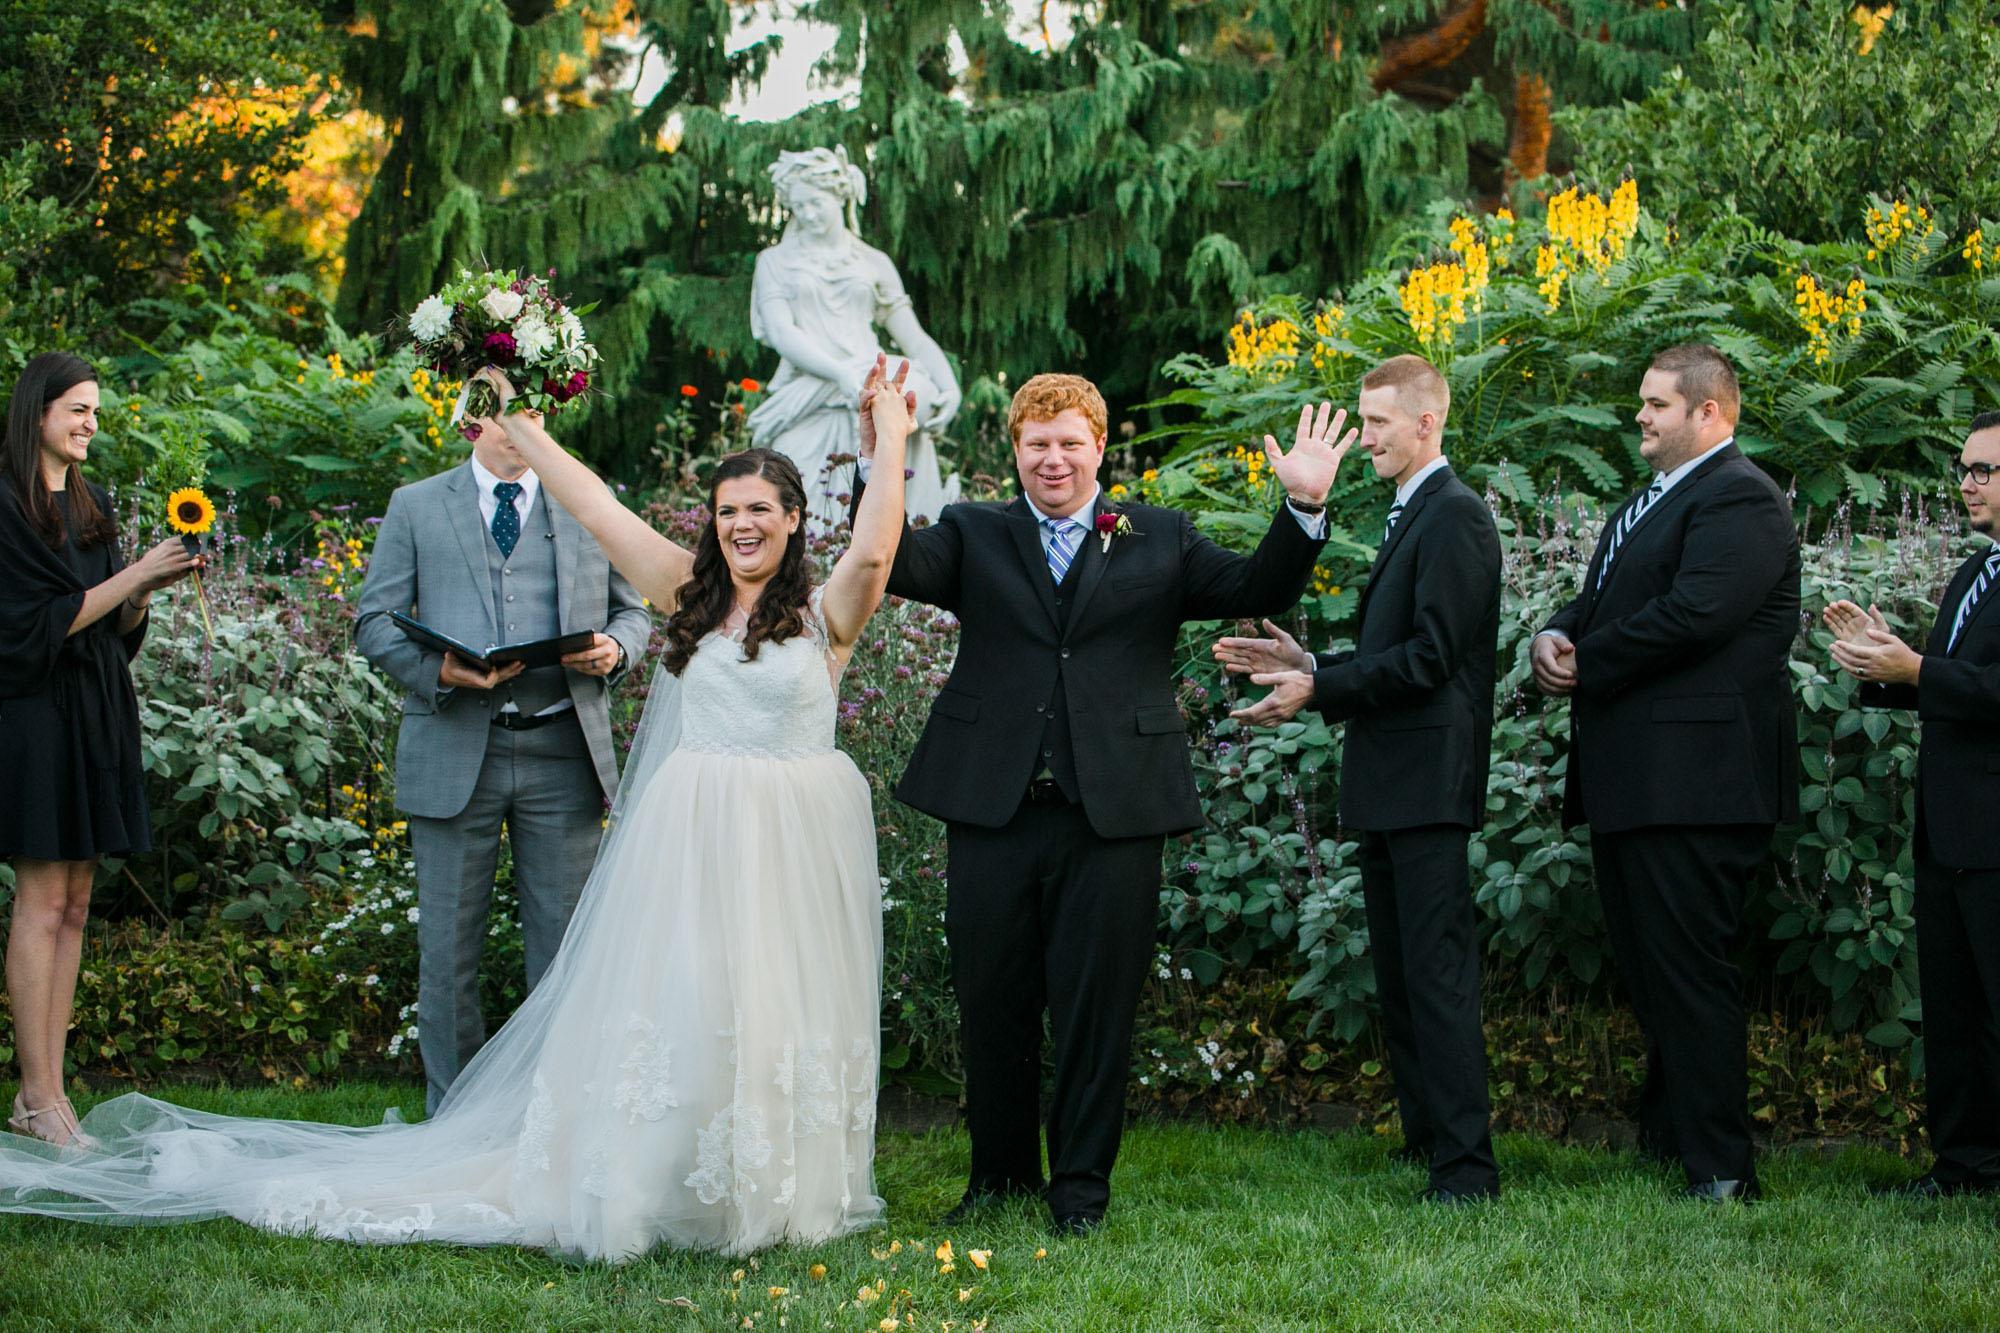 toledo-zoo-wedding-pictures-95.jpg